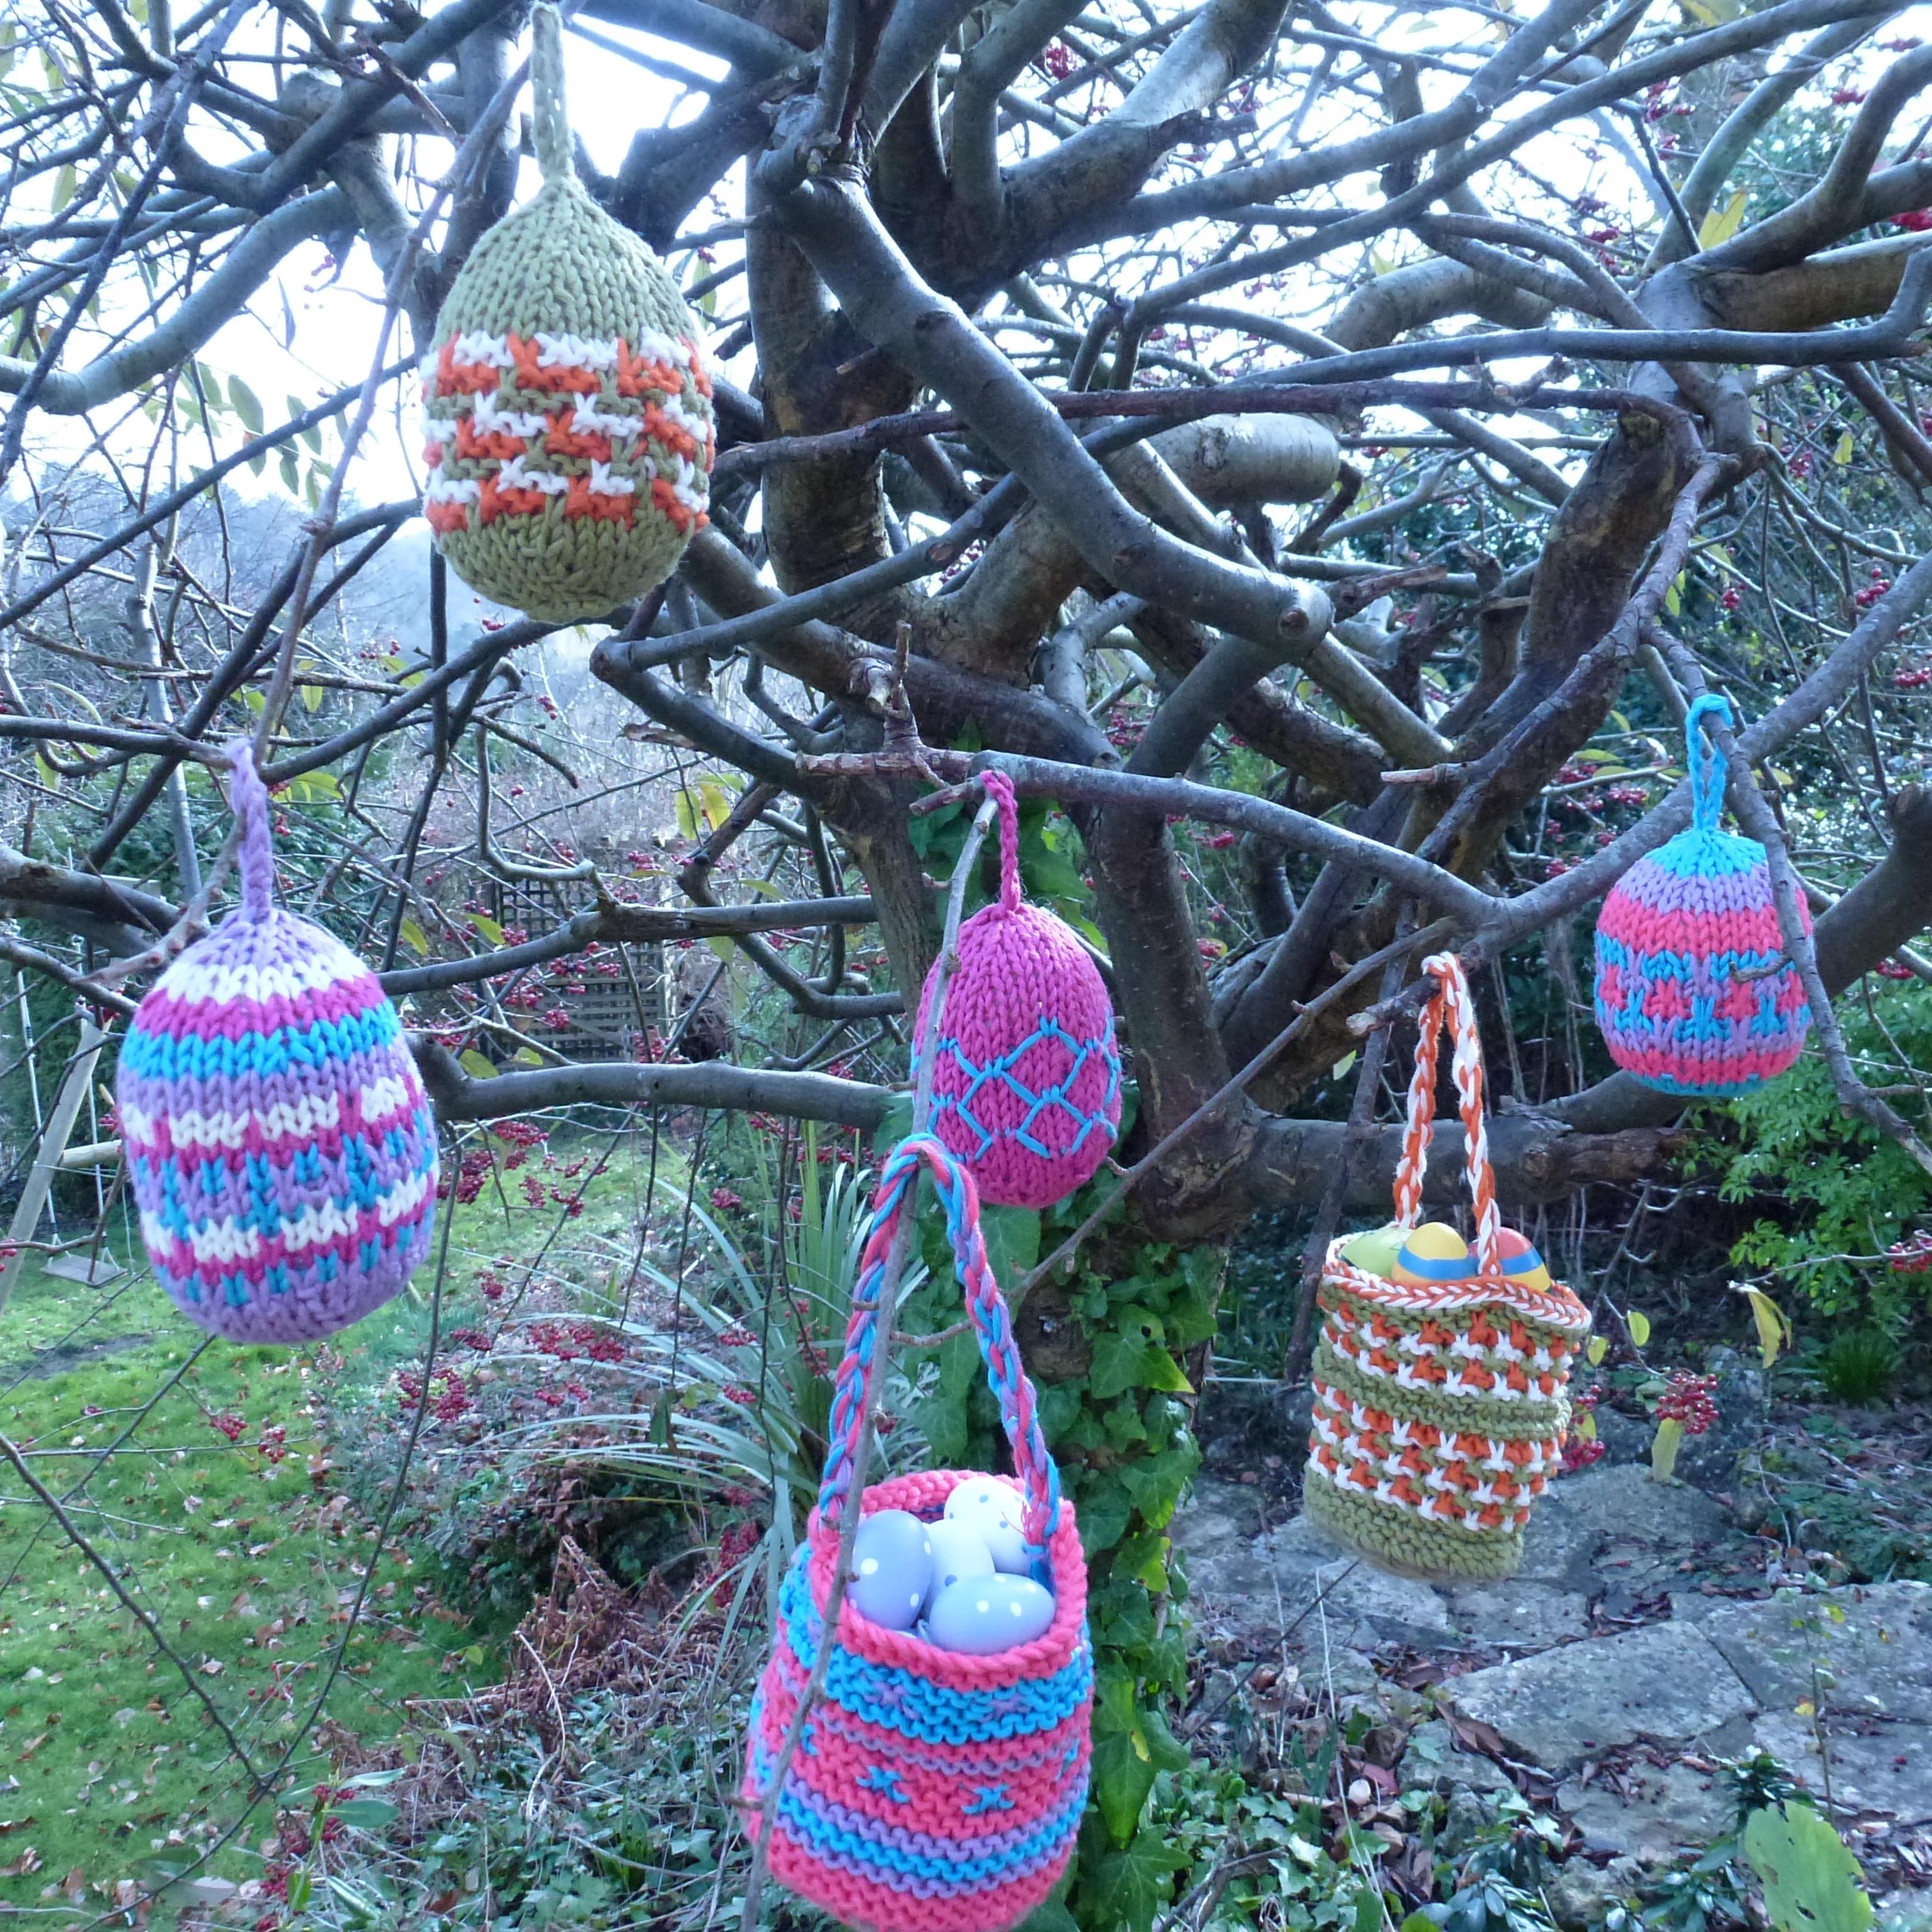 240 Easter eggs